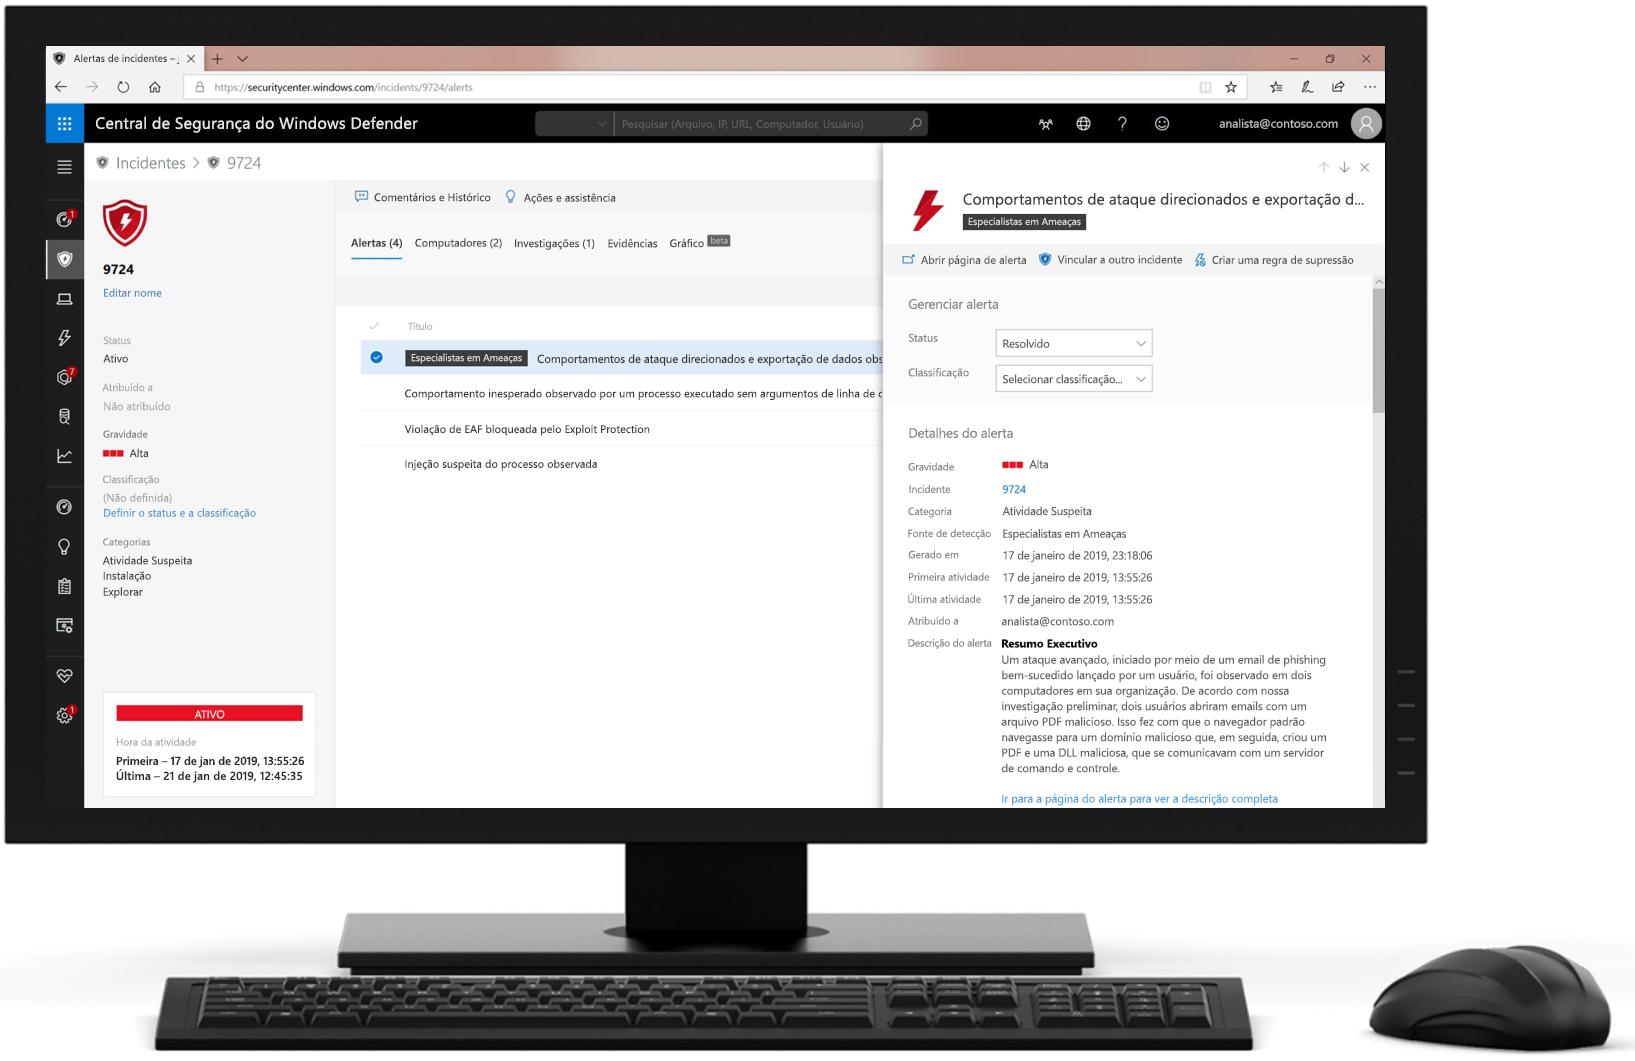 Imagem de um PC exibindo a Central de Segurança do Windows Defender.